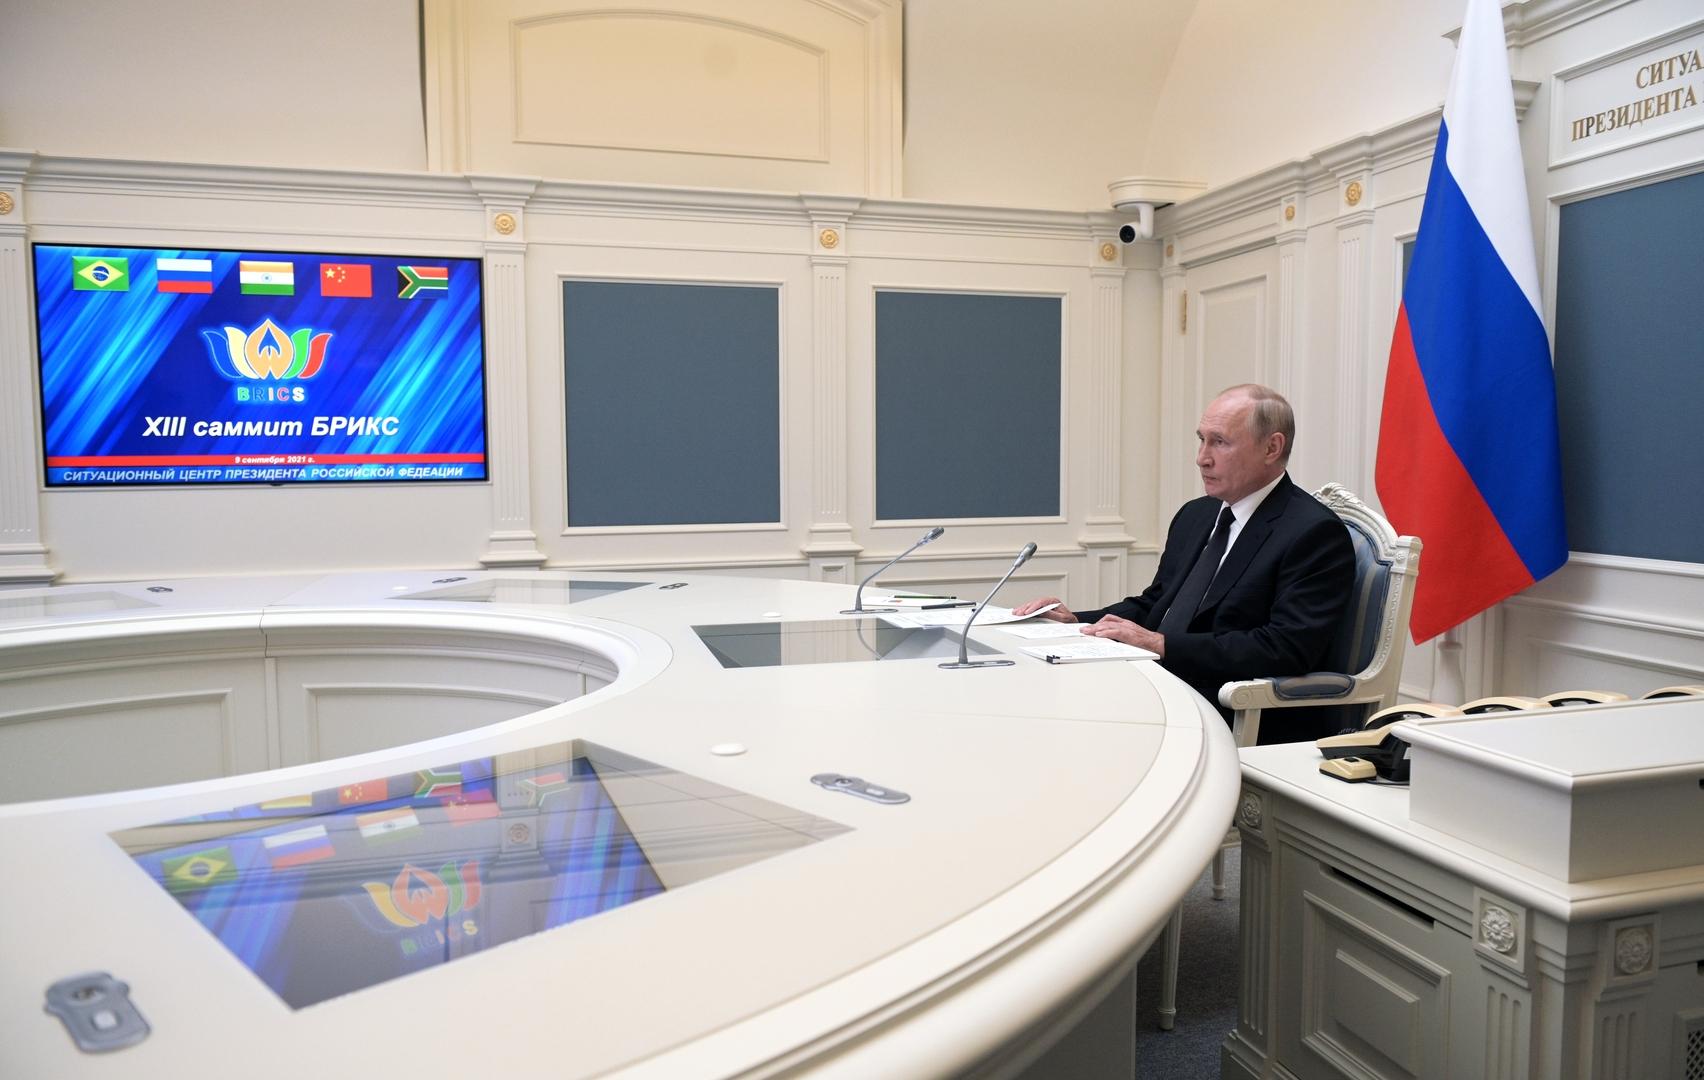 الرئيس الروسي فلاديمير بوتين يشارك في القمة الـ 13 لمجموعة